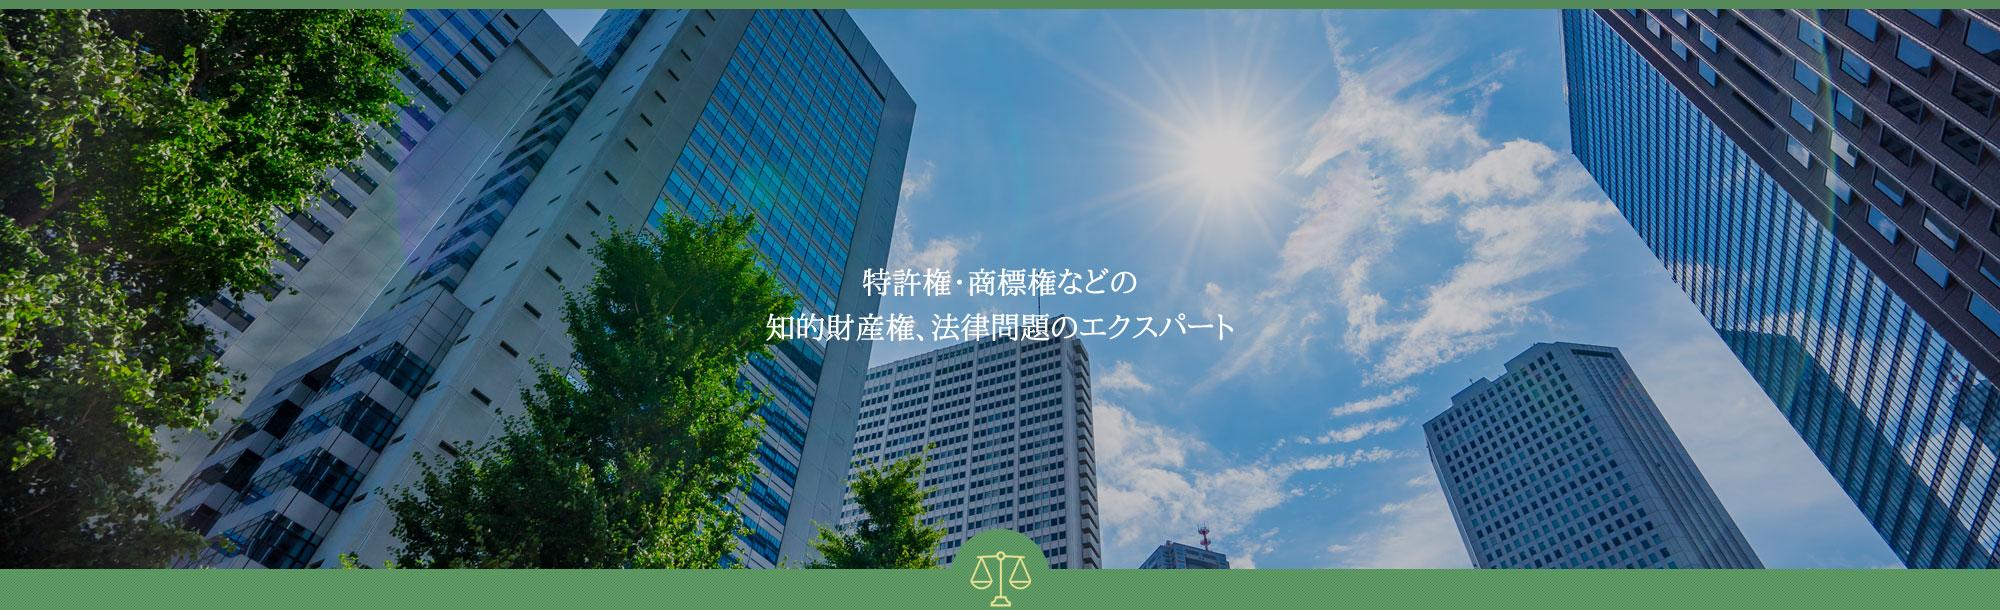 特許権・商標権などの                 知的財産権、法律問題のエクスパート